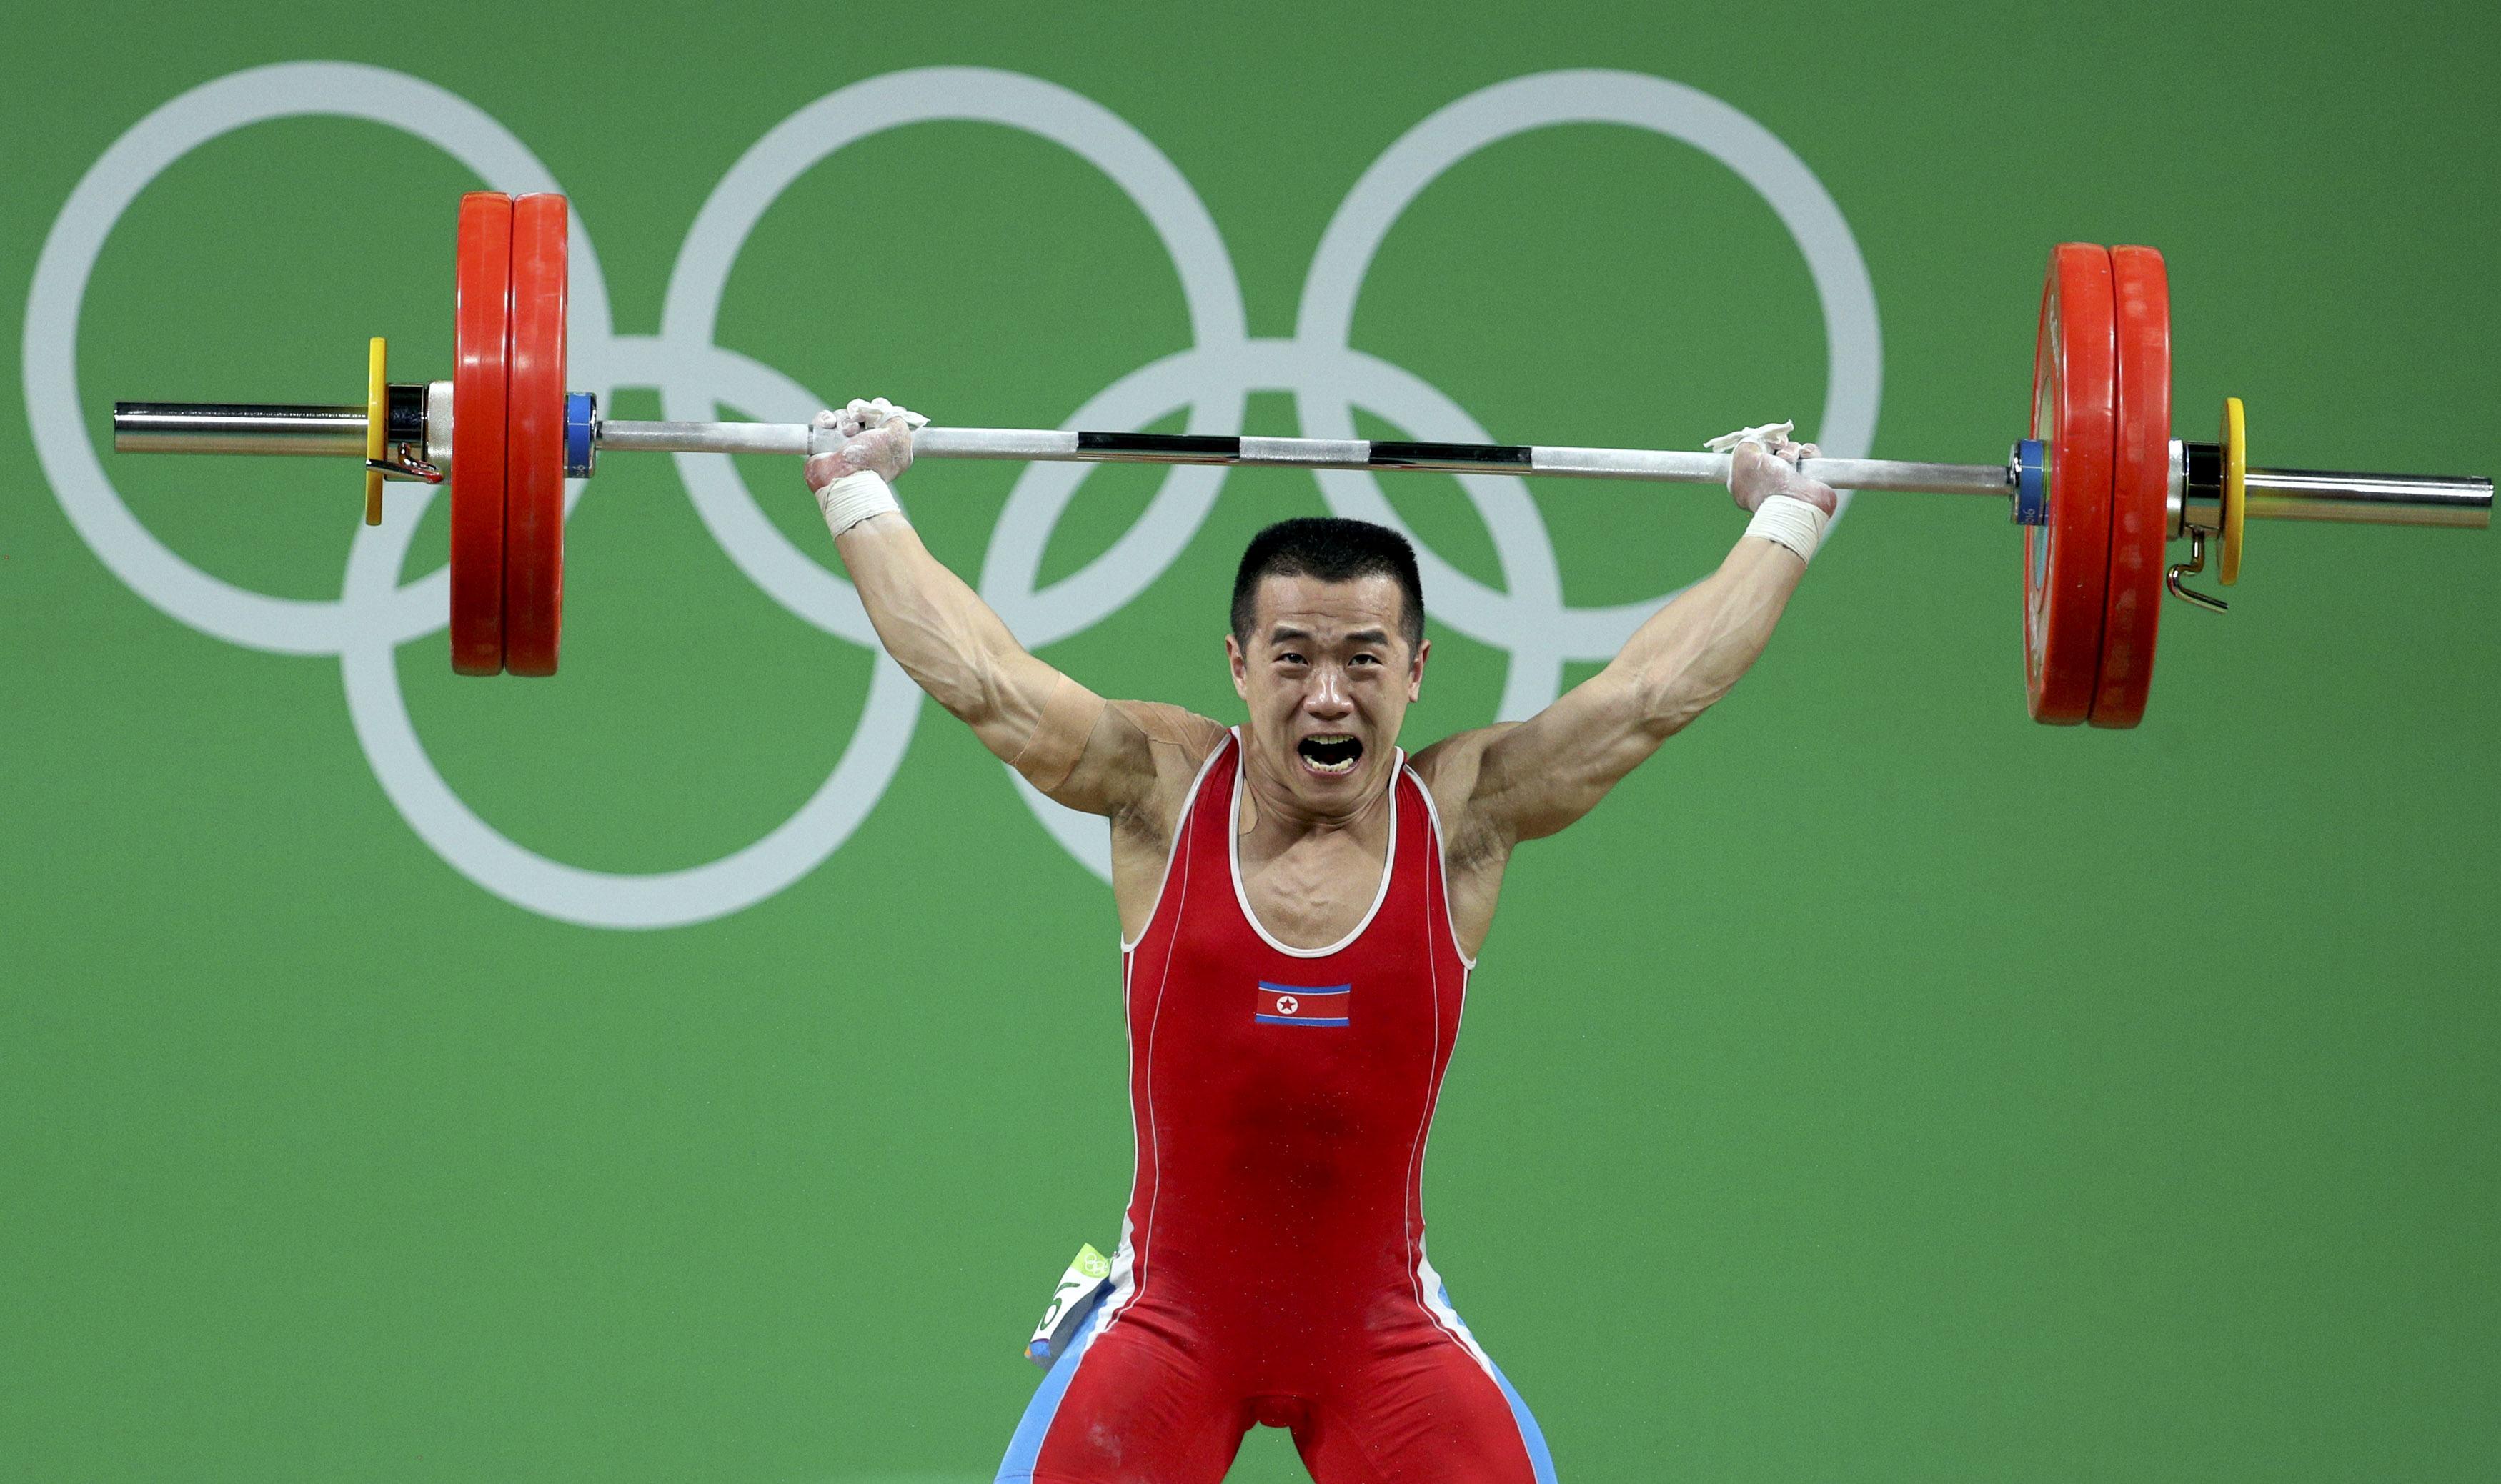 олимпийские чемпионы россии 2016 в рио фото